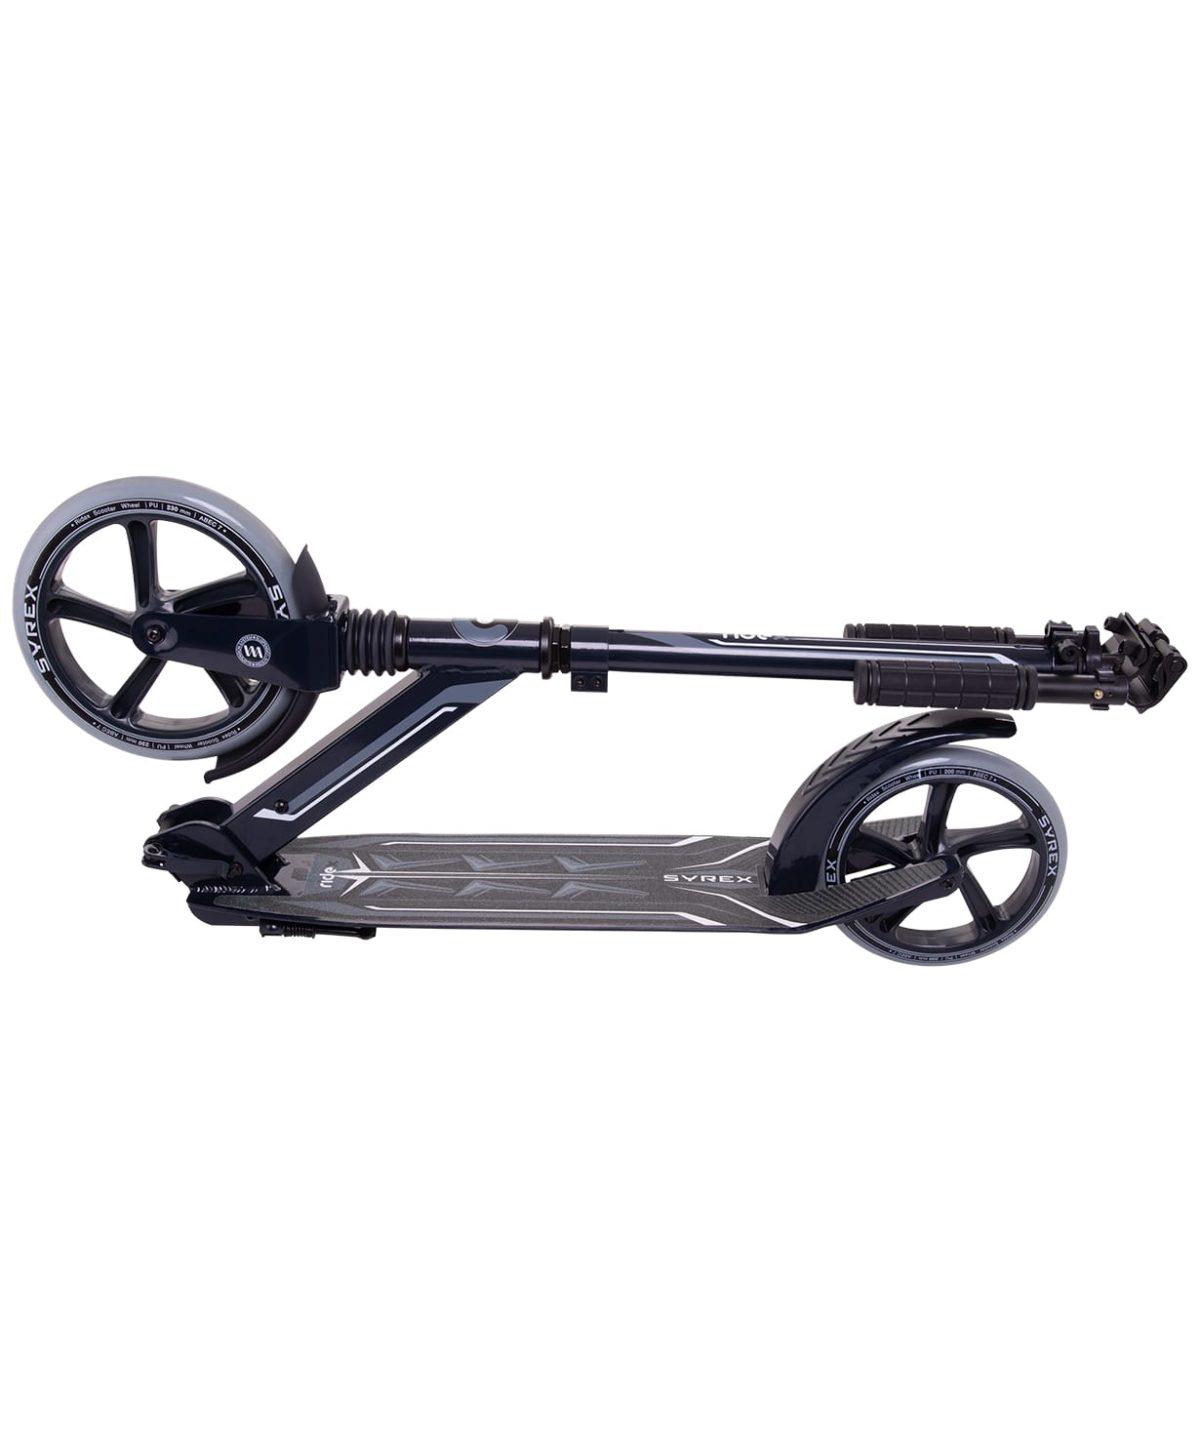 RIDEX Syrex Самокат 2-колесный  230/200 мм  Syrex: чёрный - 6